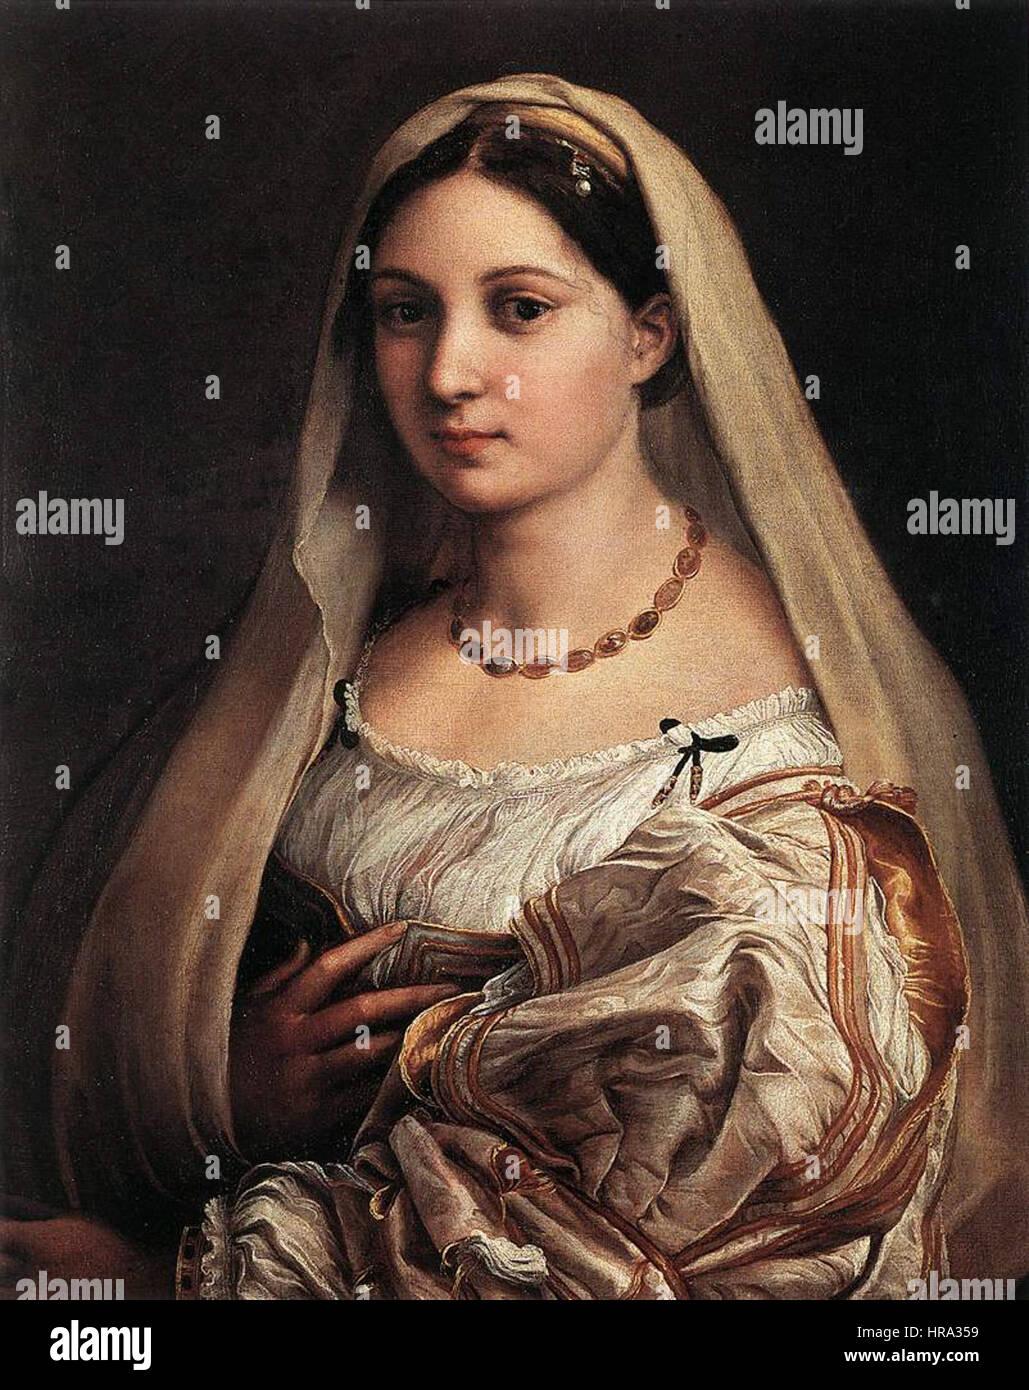 Raffaello Sanzio - Woman with a Veil (La Donna Velata) - WGA18824 Stock Photo